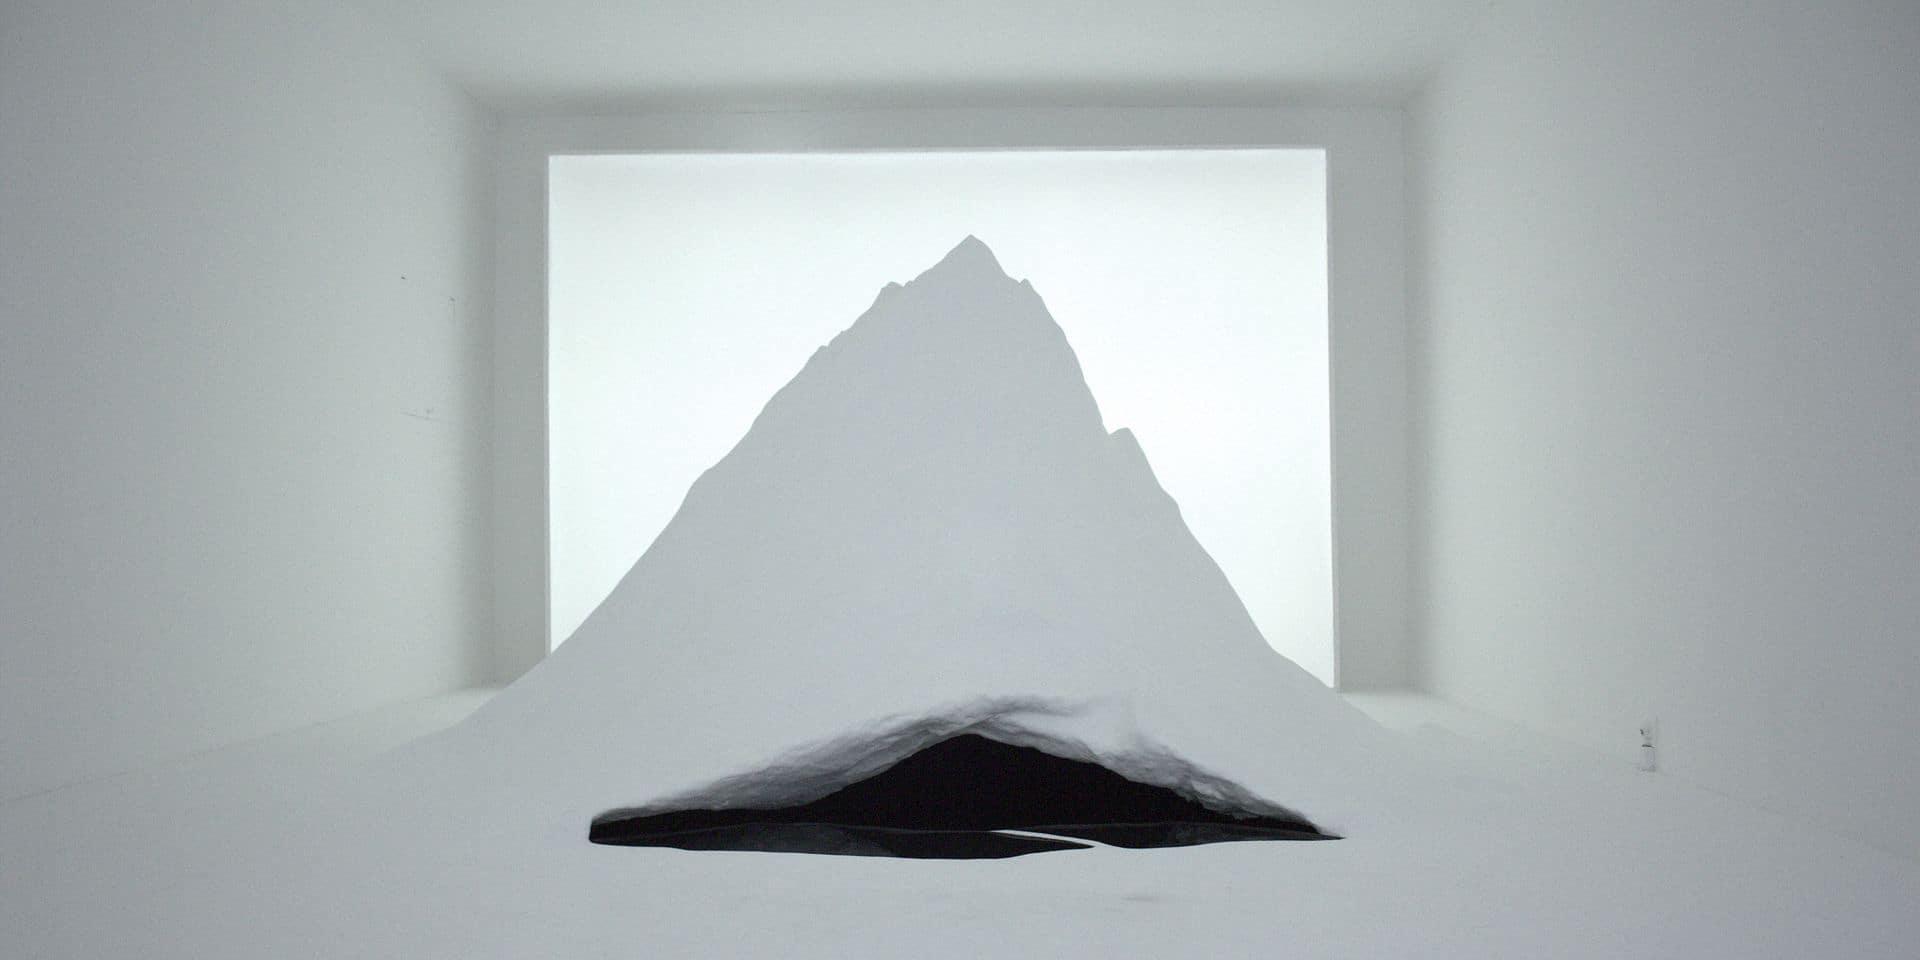 L'installation de Justine Bougerol nous conduit dans les entrailles d'un horizon contemplatif